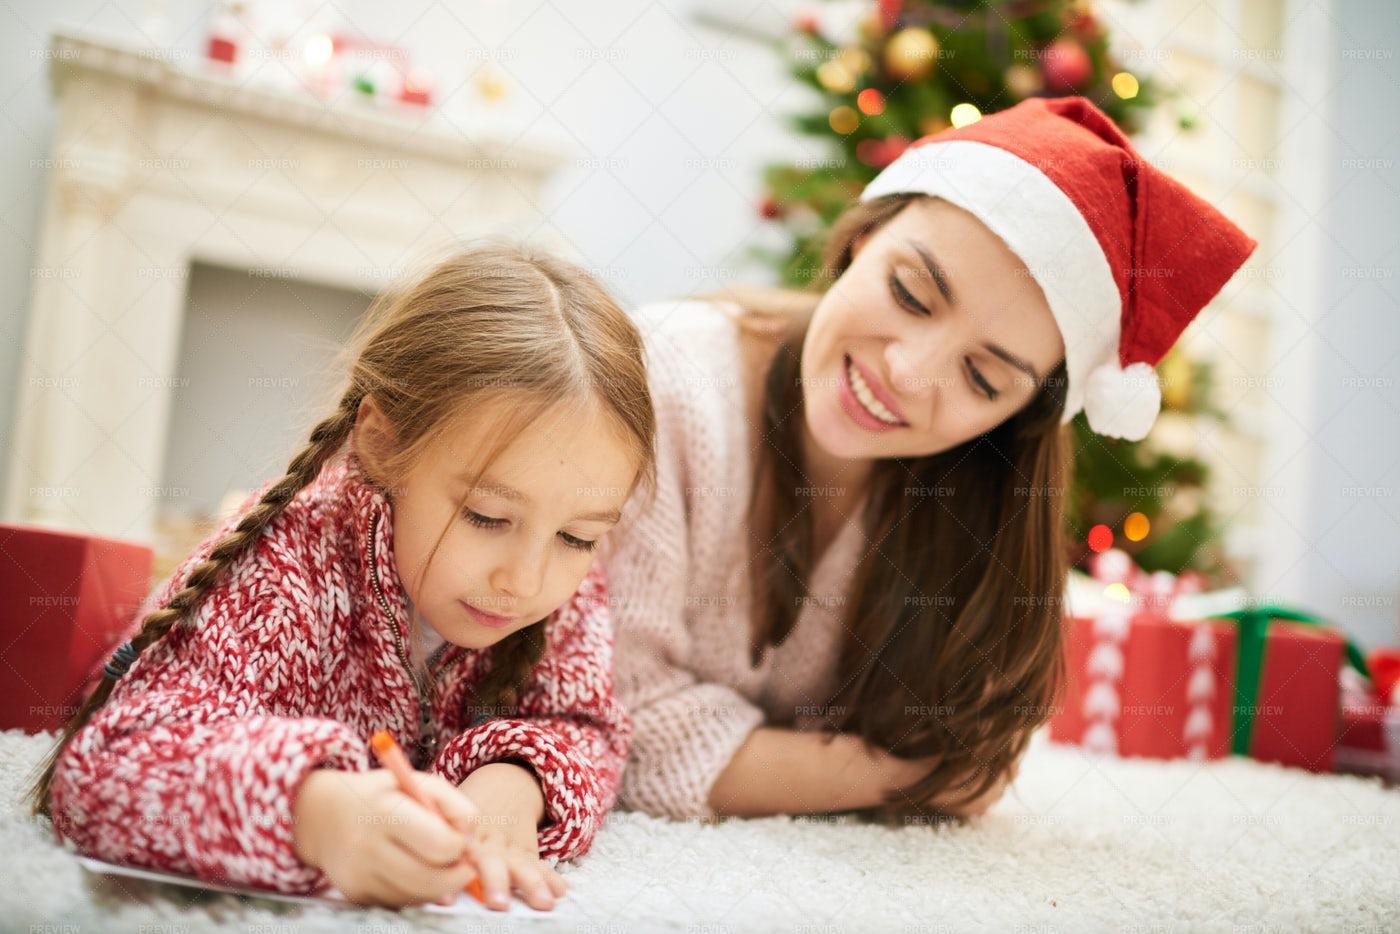 Dear Santa: Stock Photos